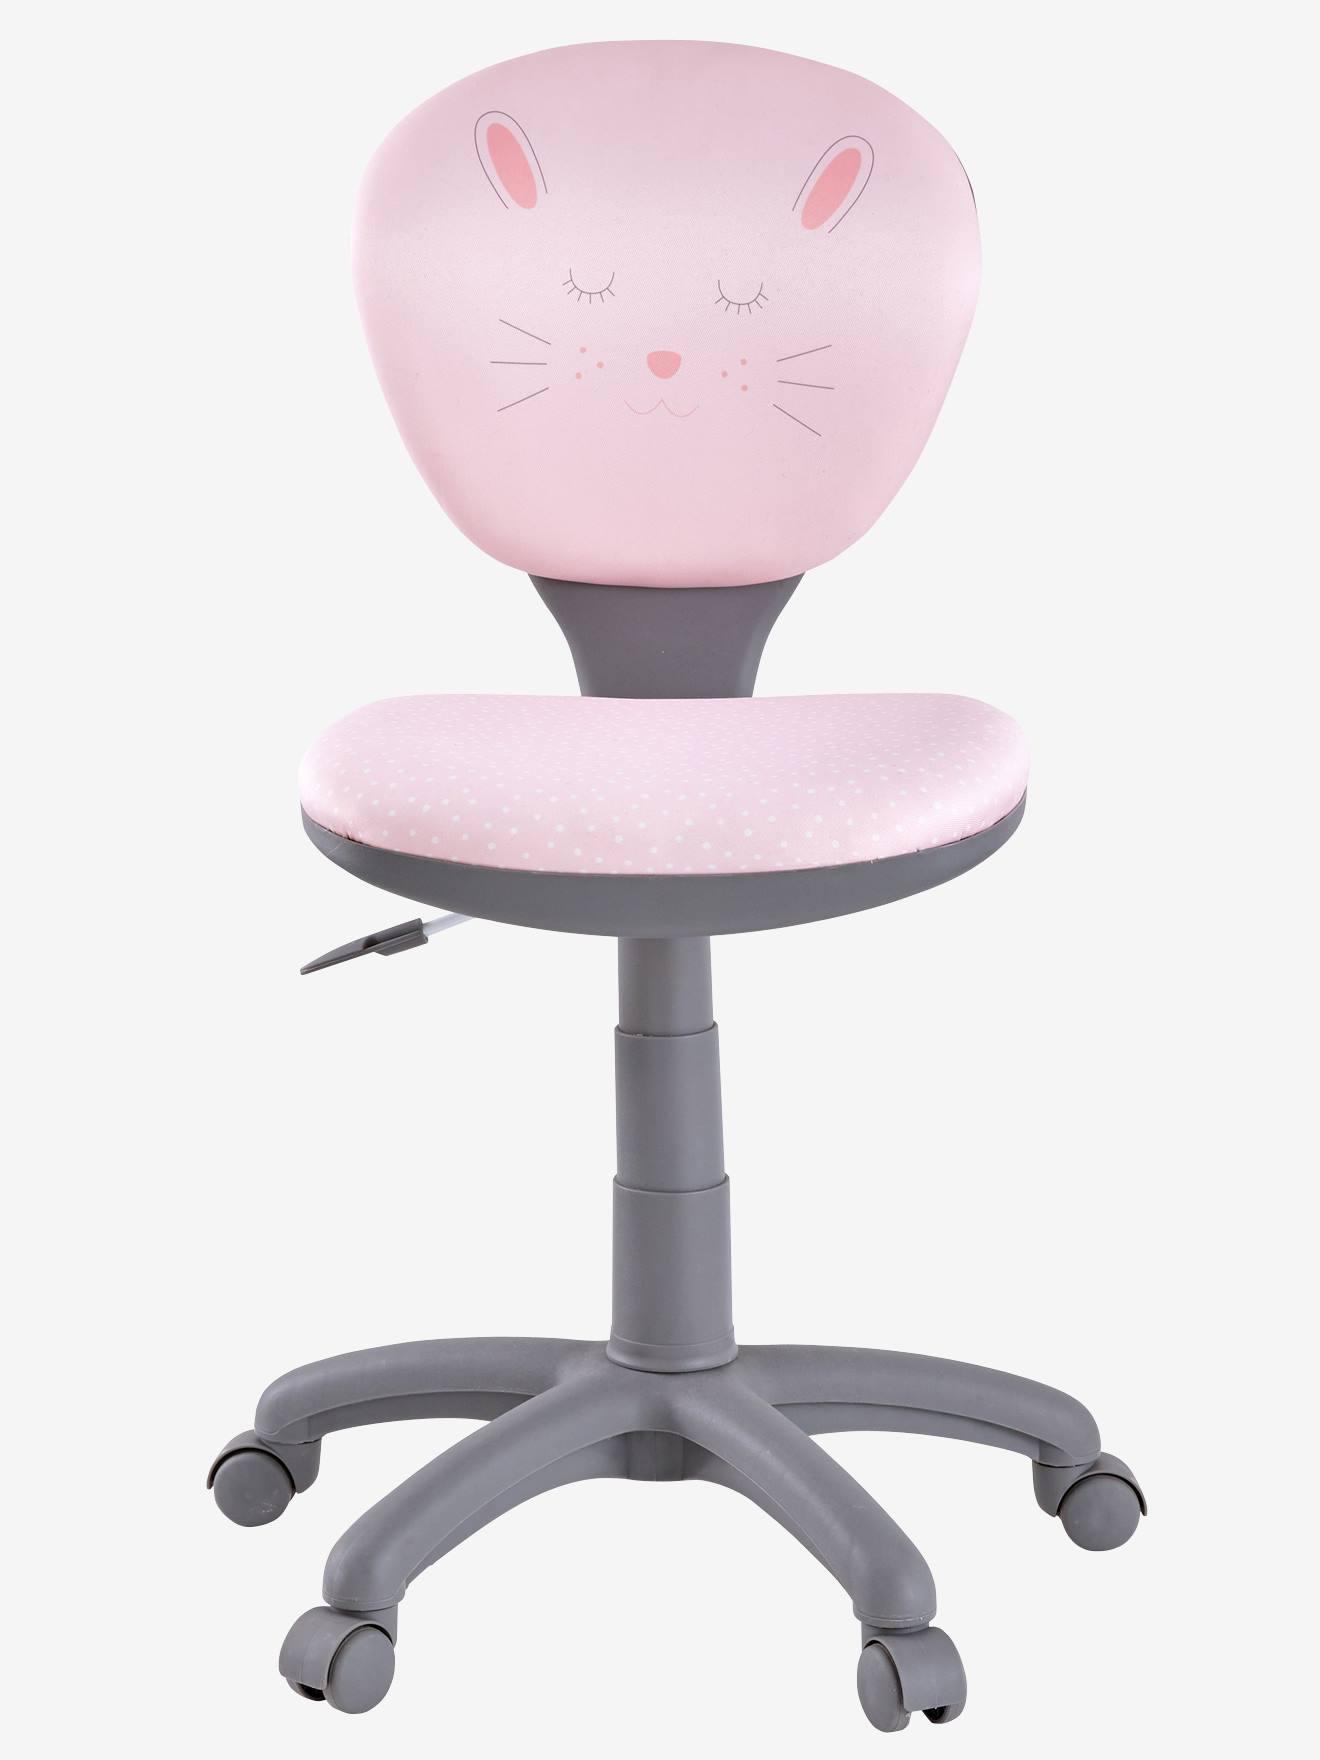 Schreibtischstuhl kinder  Schreibtischstuhl für Kinder, Möbel & Bettwäsche